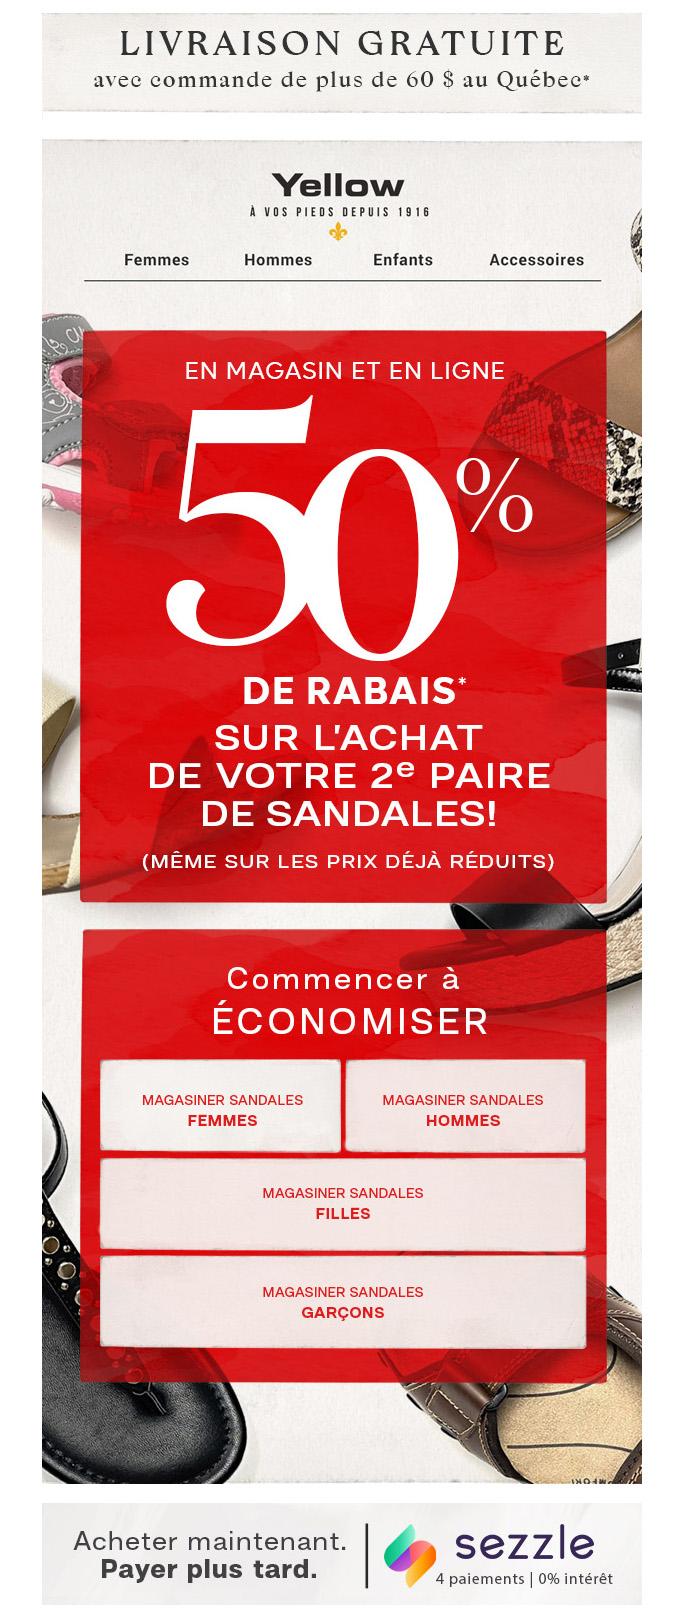 Préparez Vous Pour Les Vacances Avec 50% De Rabais Sur La 2e Paire De Sandales